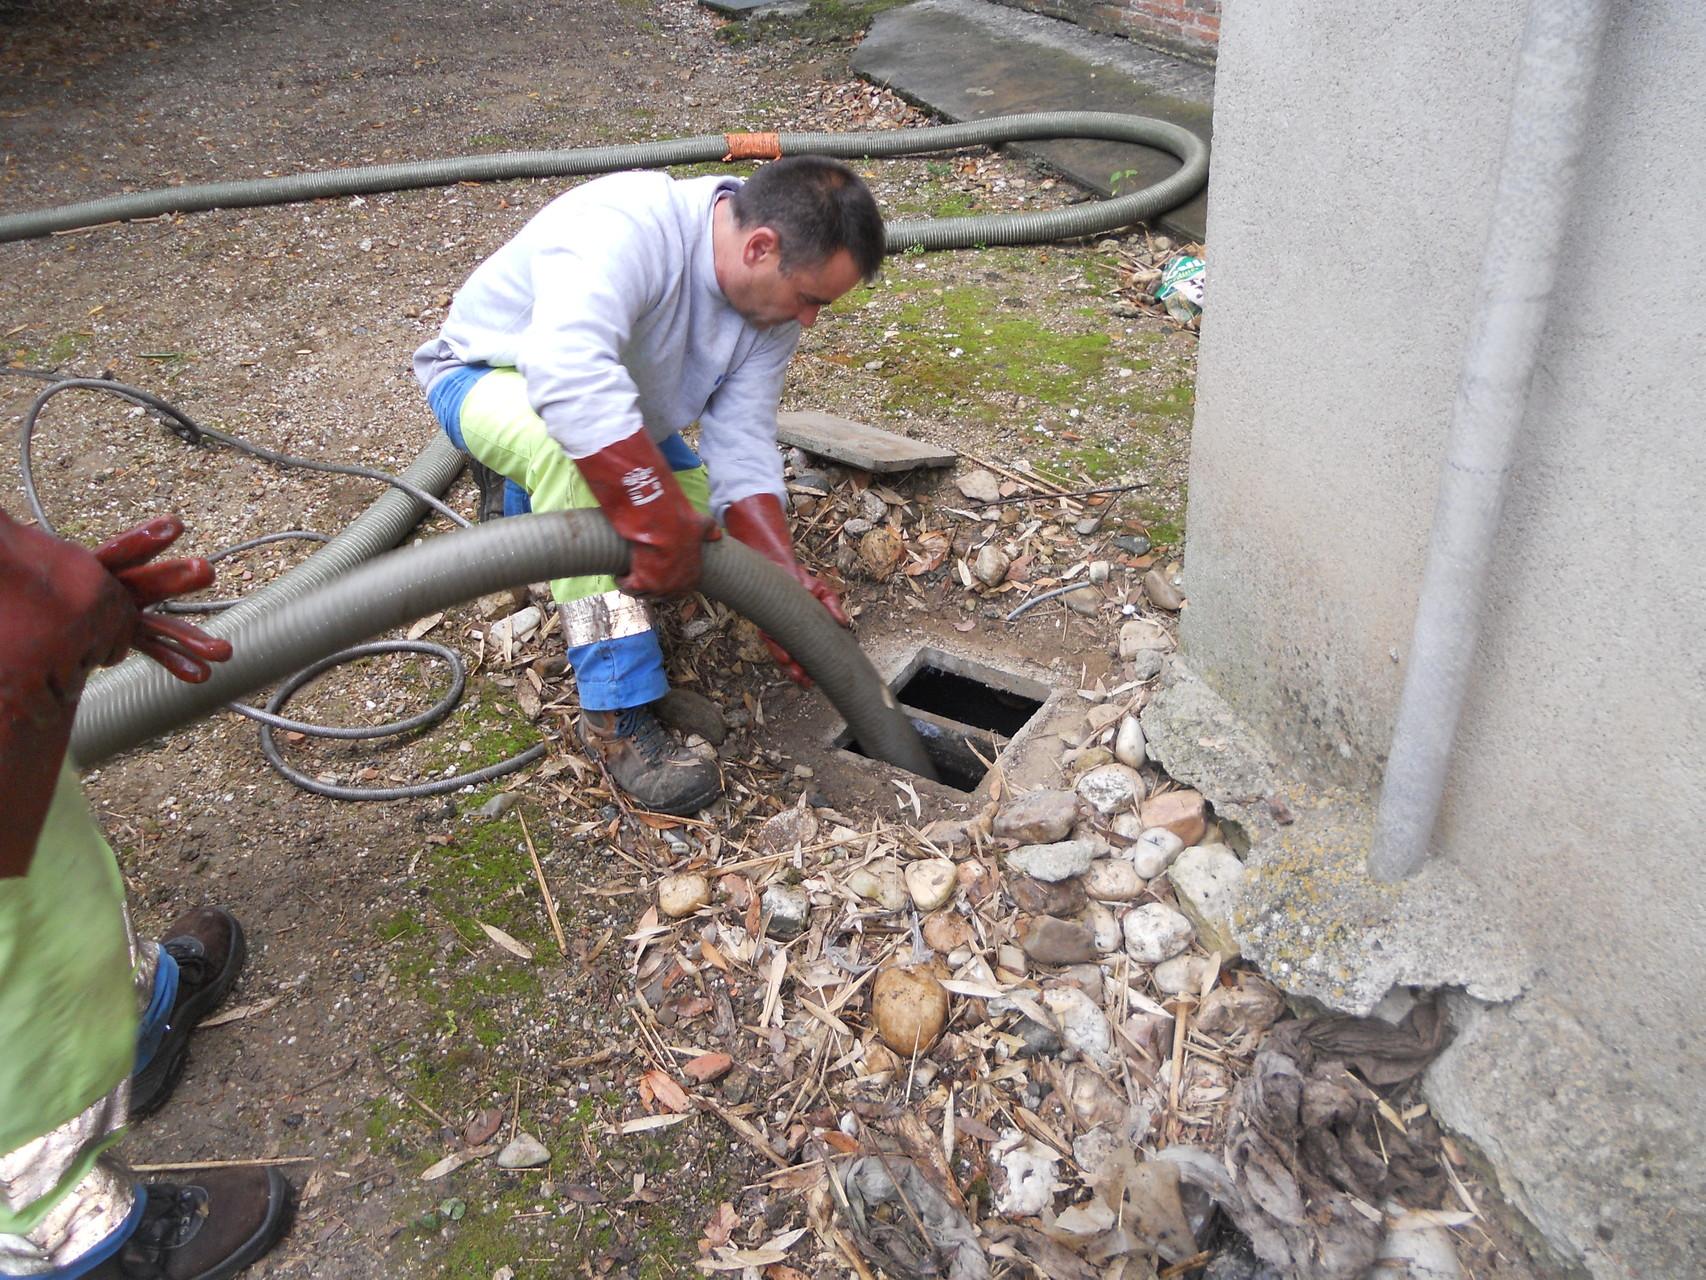 Vidange et nettoyage des installations d'assinissement avant inspection